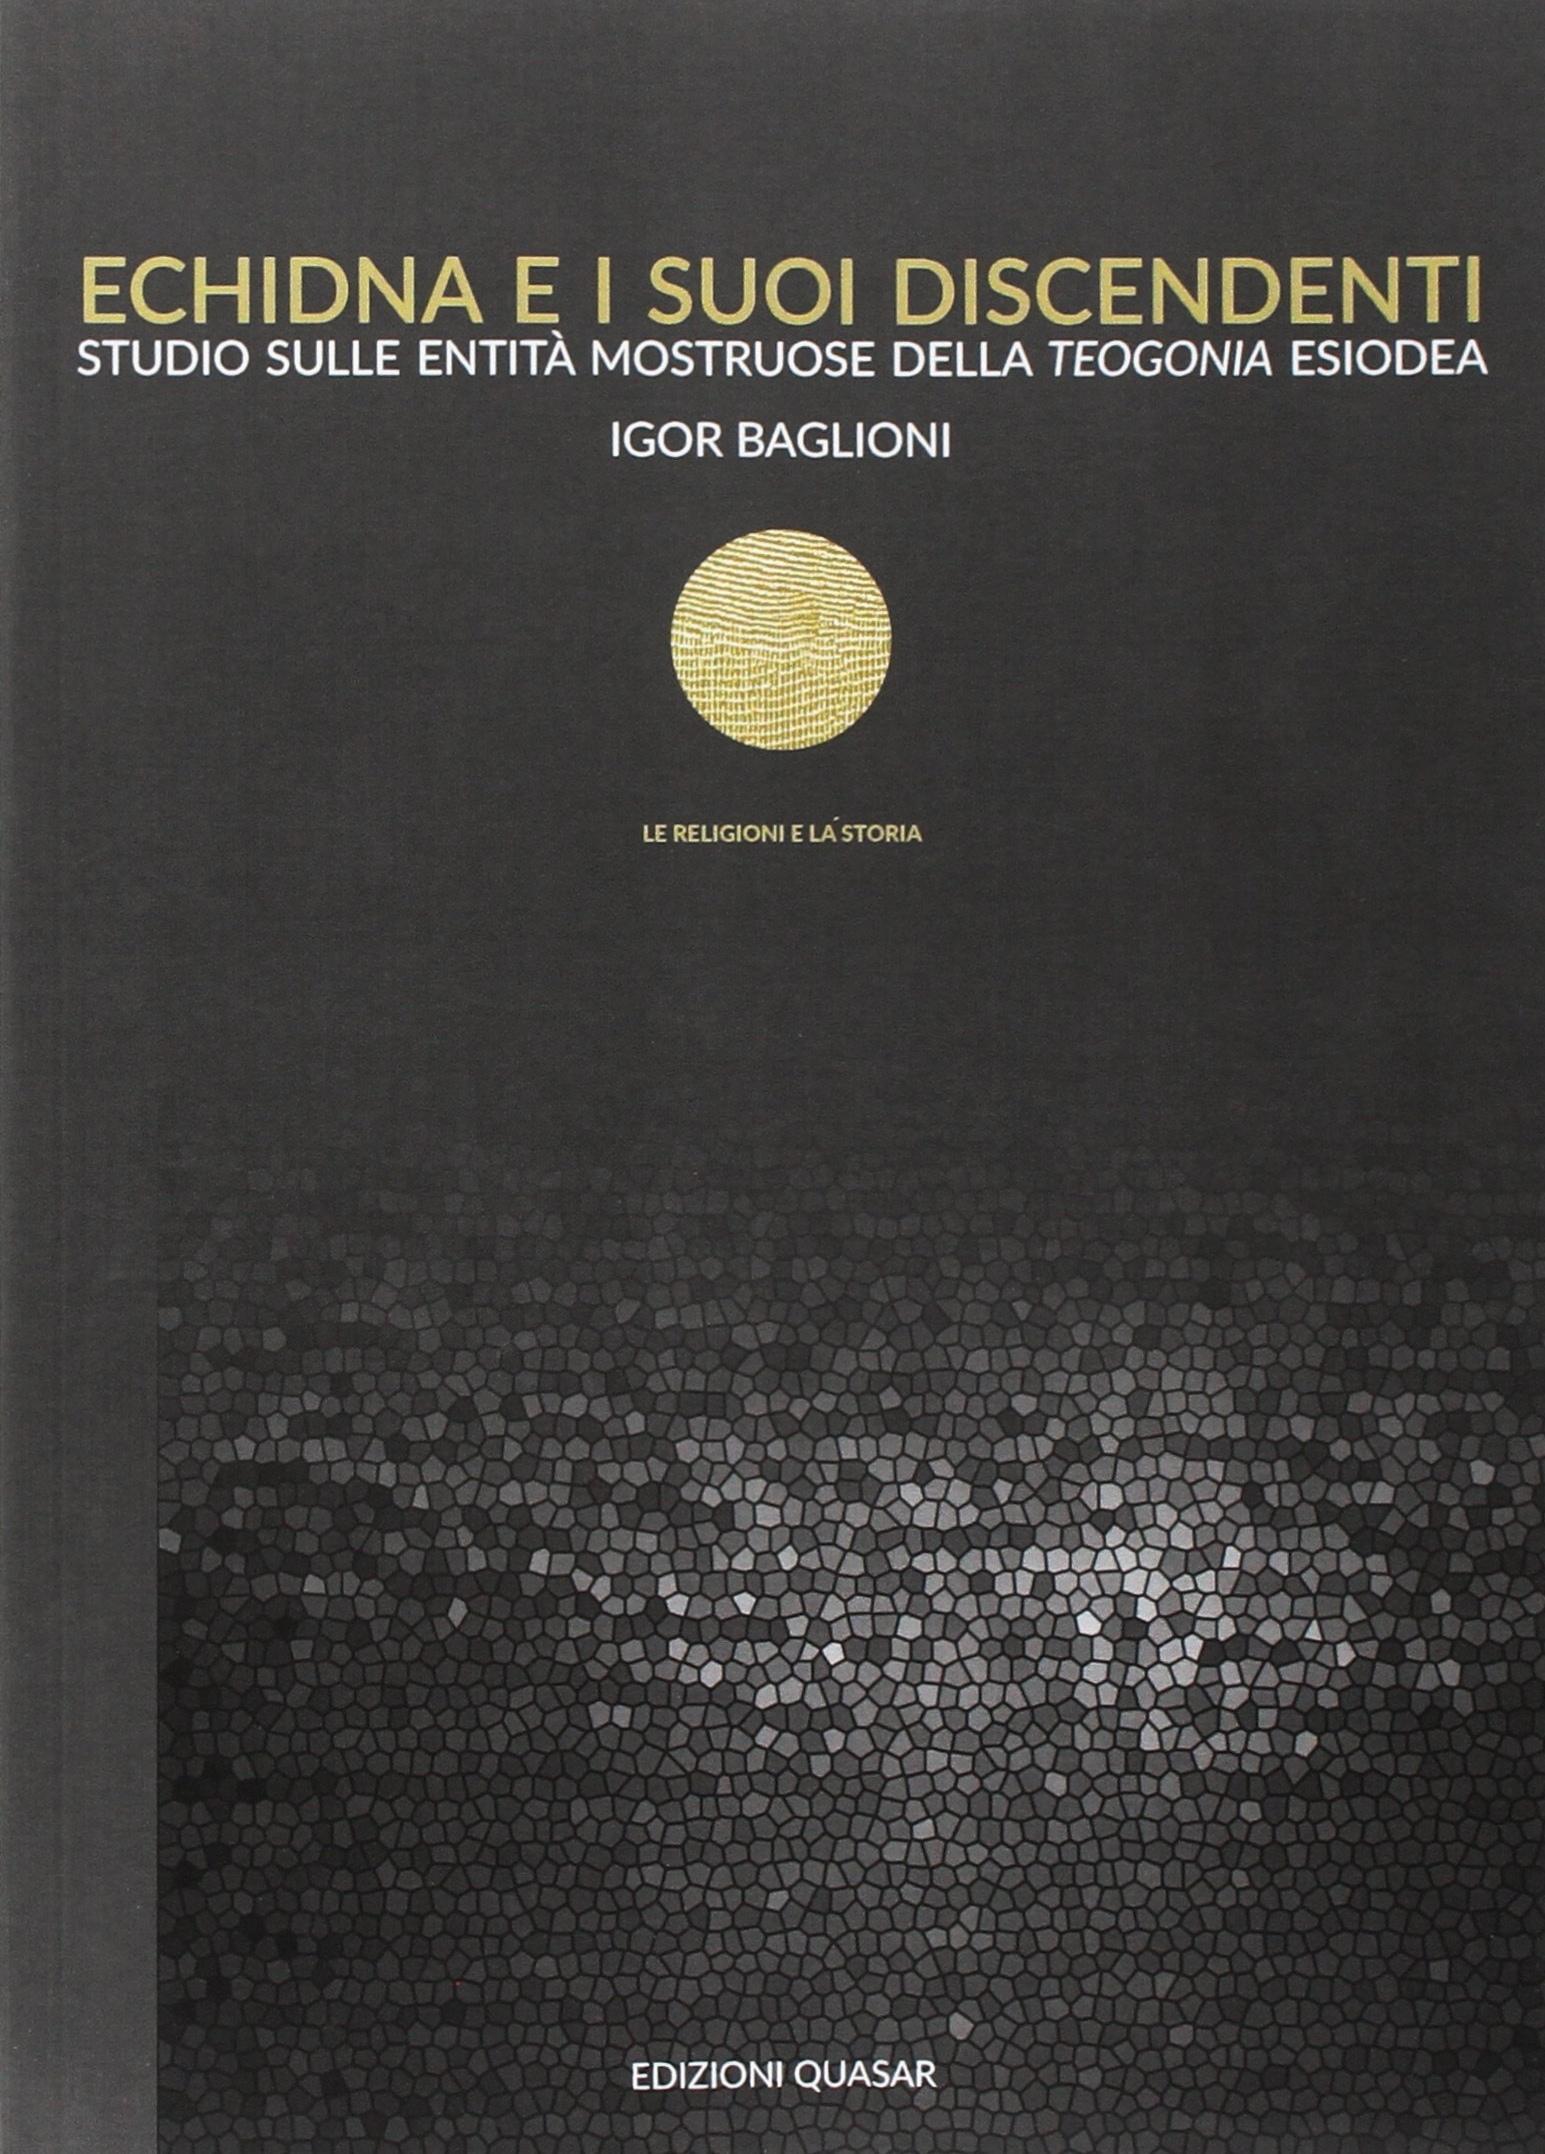 Echidna e i suoi discendenti. Studio sulle entità mostruose della teogonia esiodea